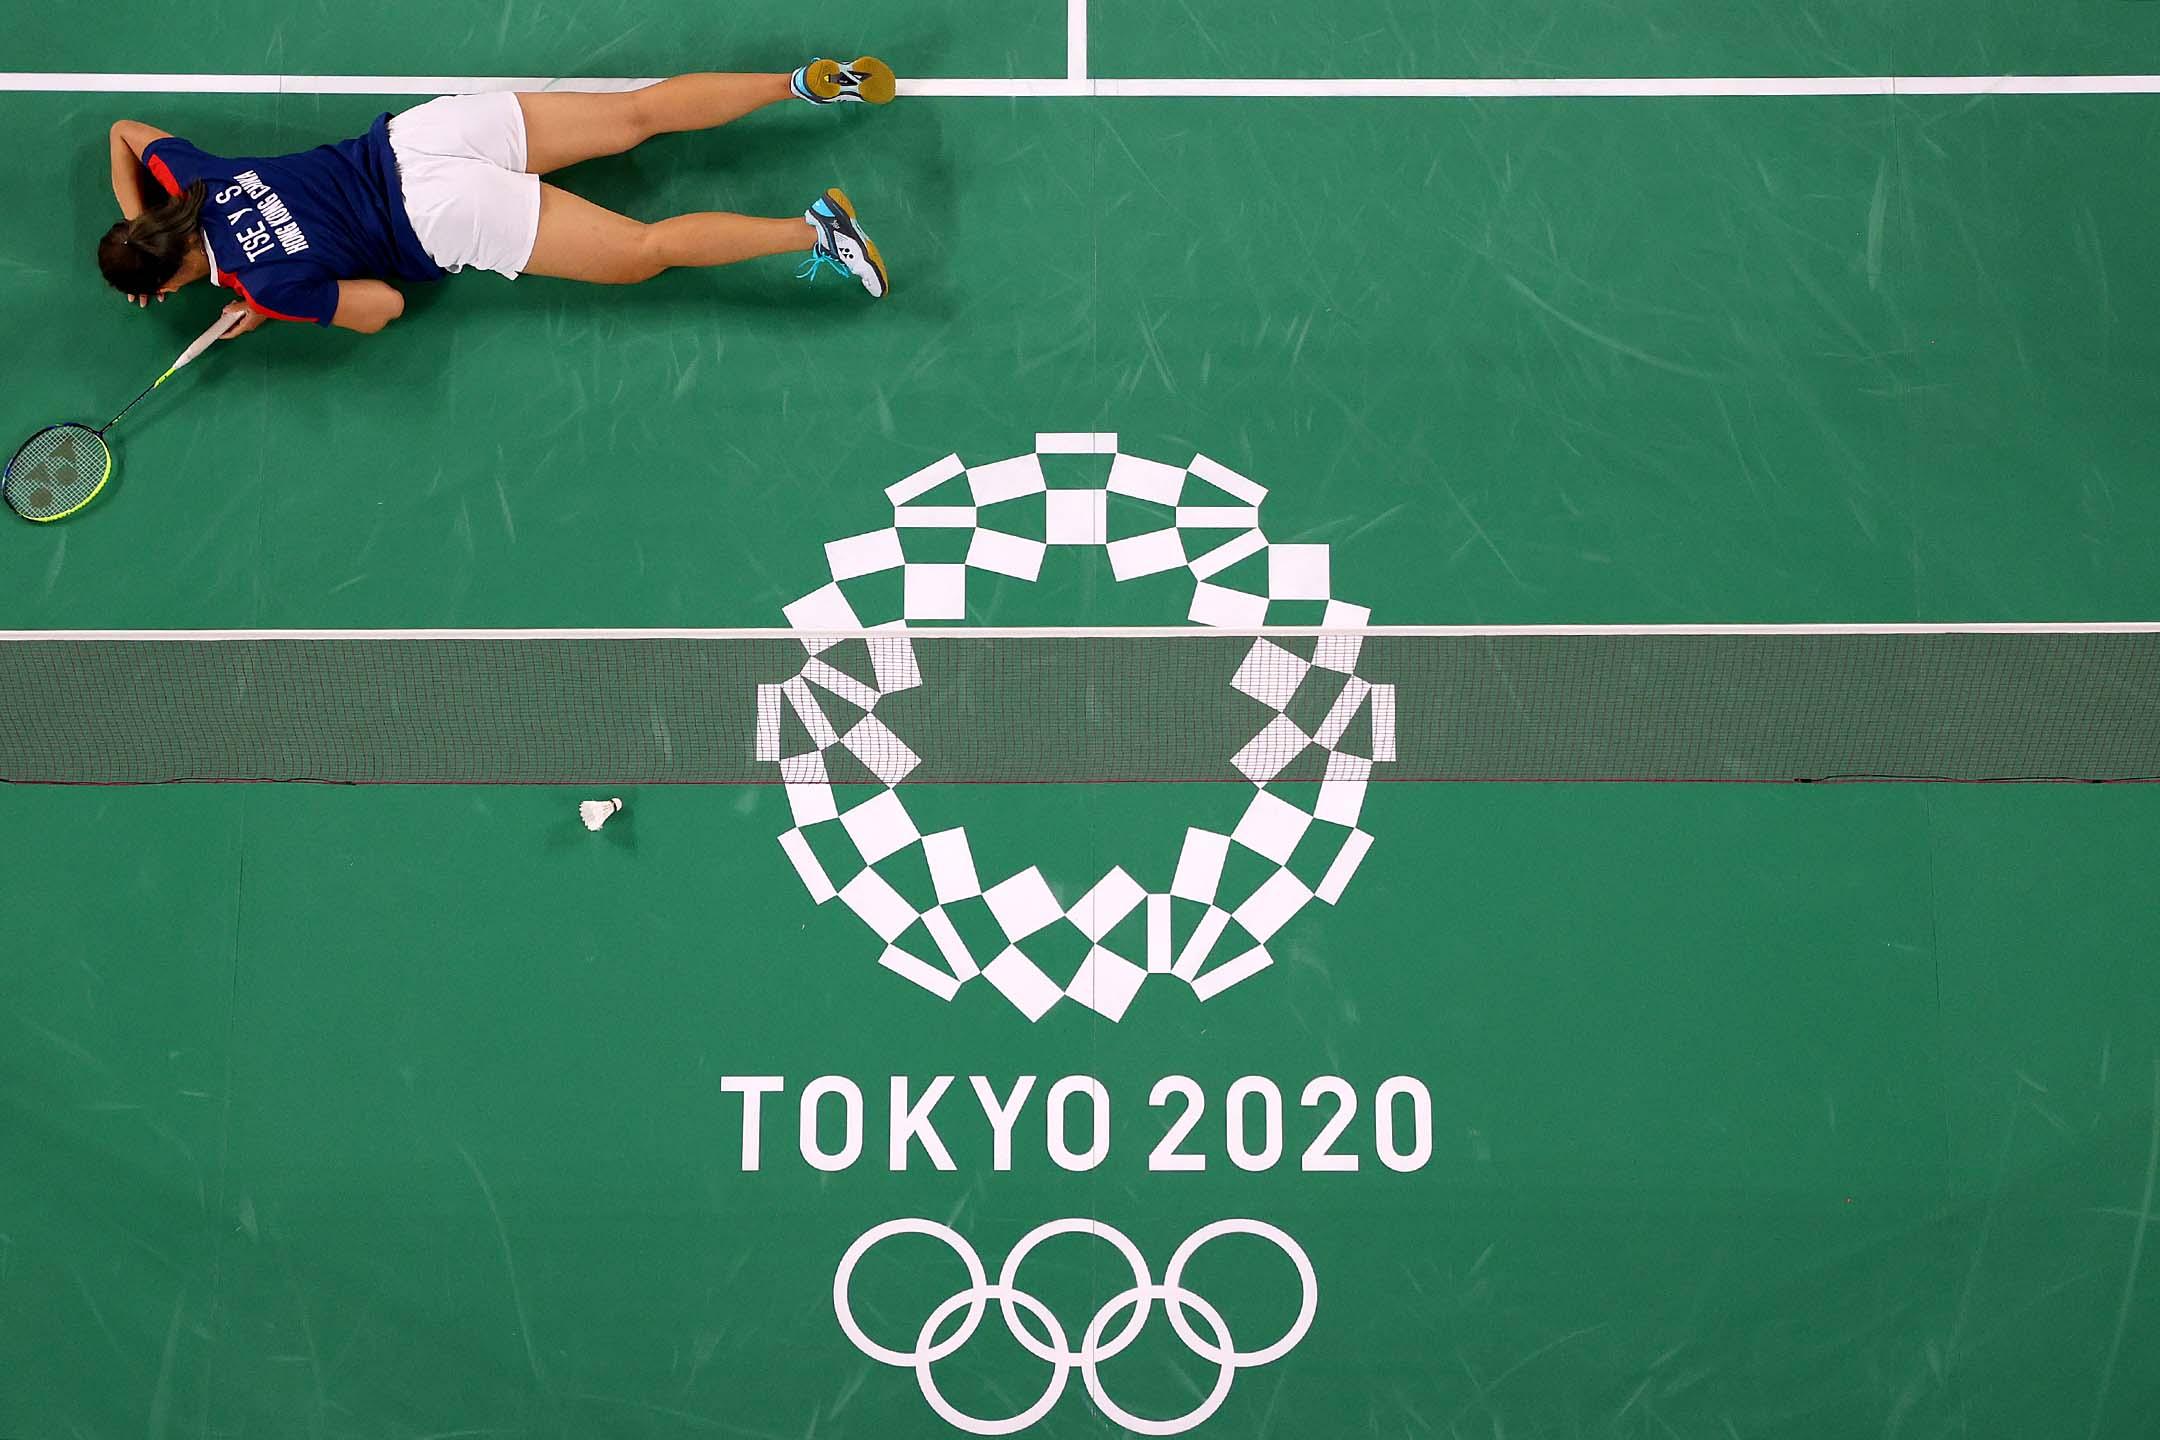 2021年7月30日東京奥運會,香港羽毛球隊的謝影雪與日本隊比賽期間。